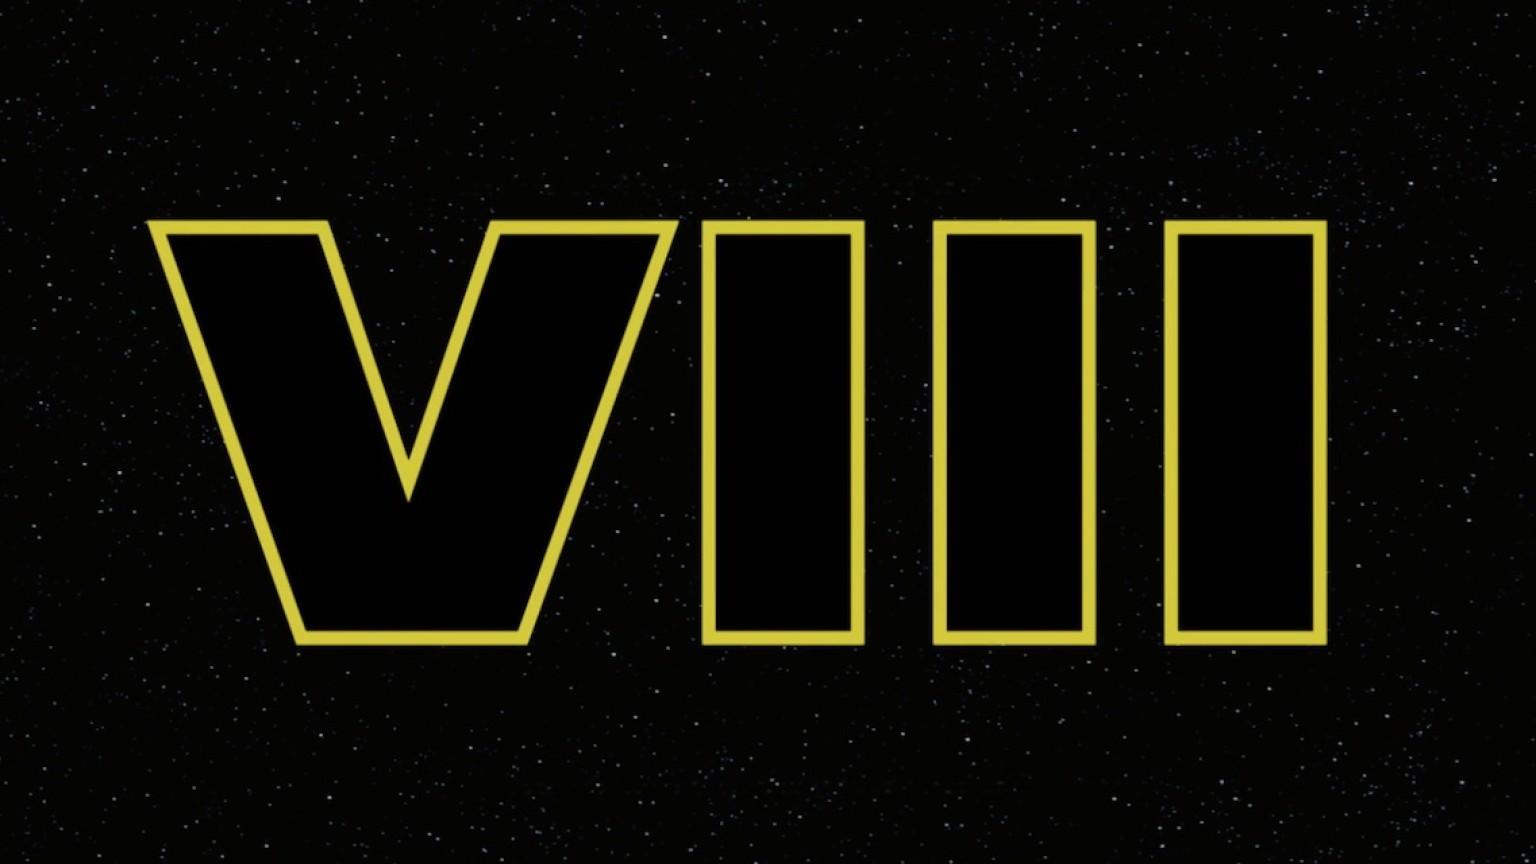 Diretor posta nova foto do set de Star Wars: Episódio VIII com legenda intrigante